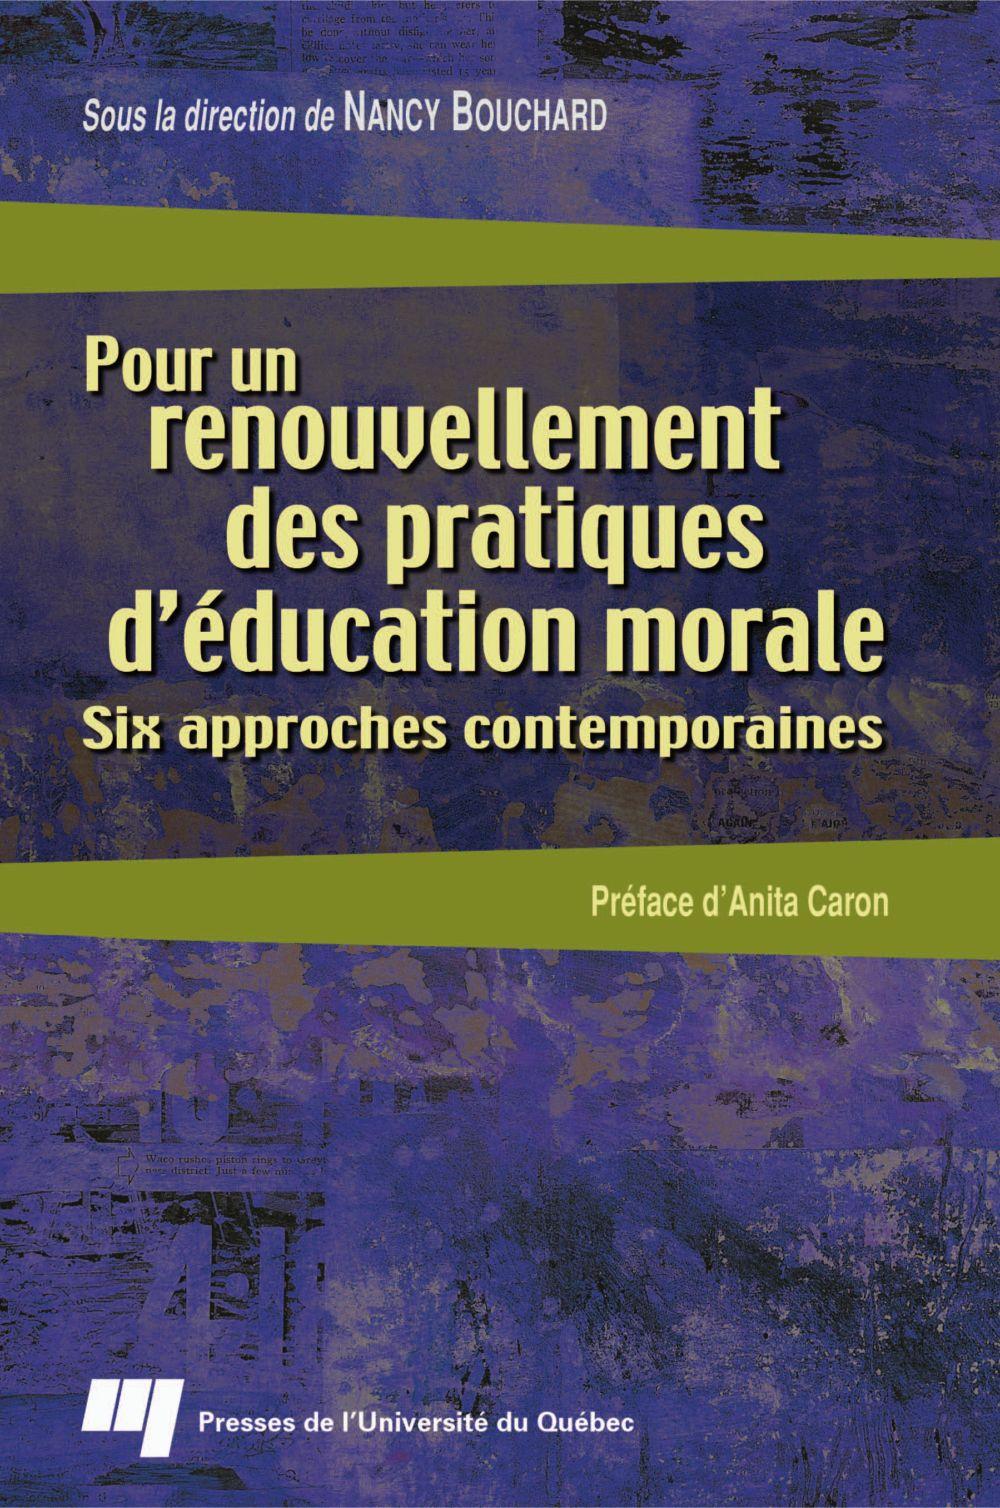 Pour un renouvellement des pratiques d'éducation morale